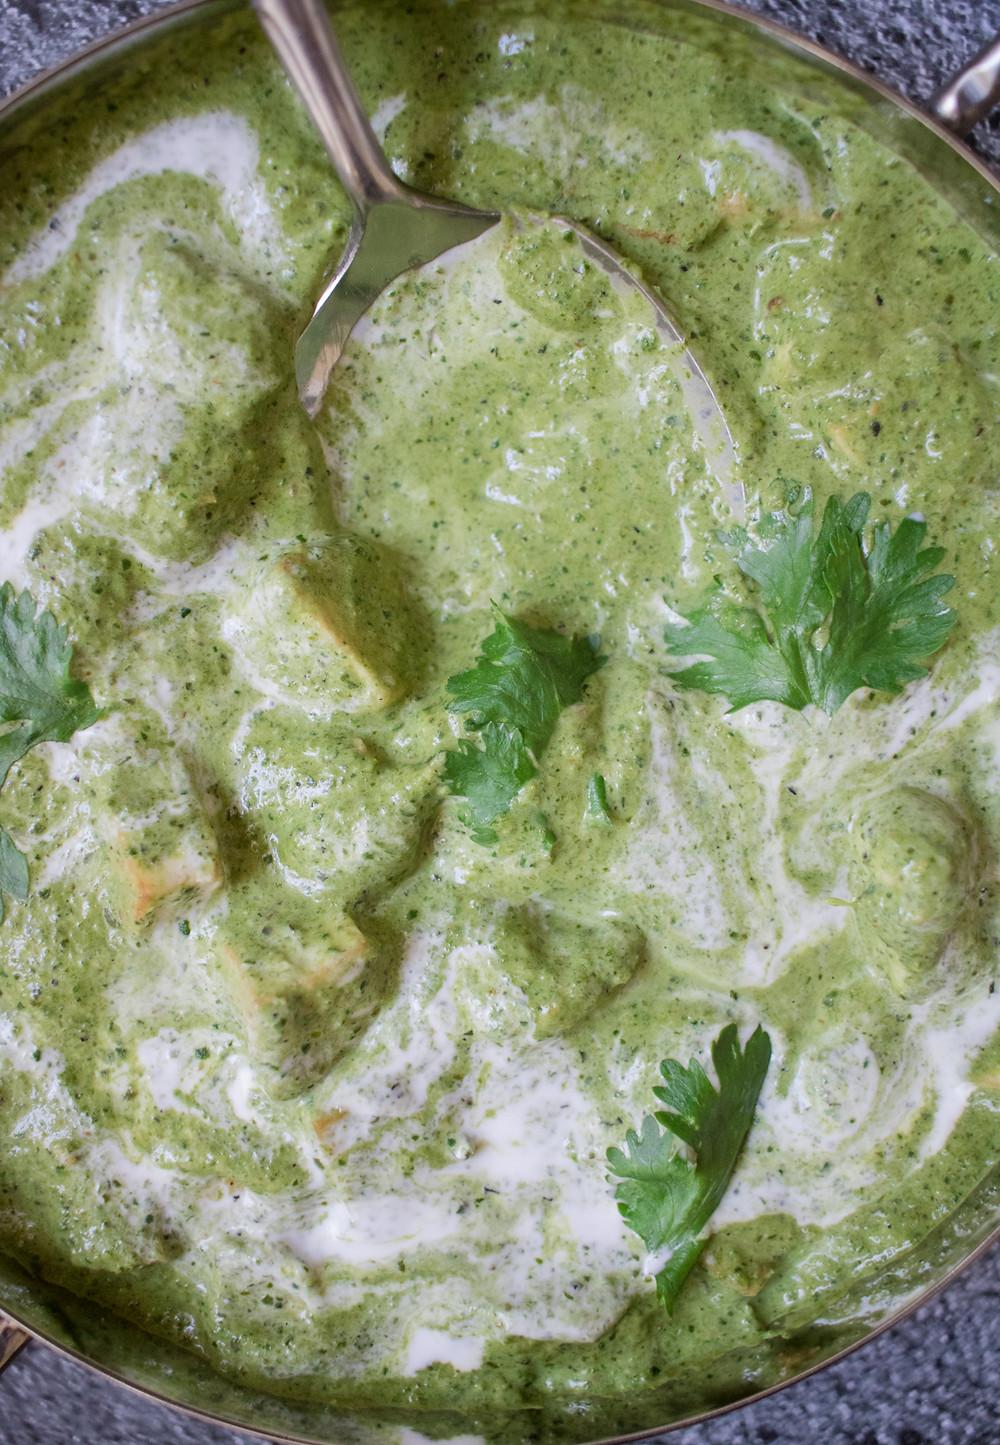 פאלאק פניר פאלאק טופו טבעוני ללא גלוטן אוכל הודי טבעוני